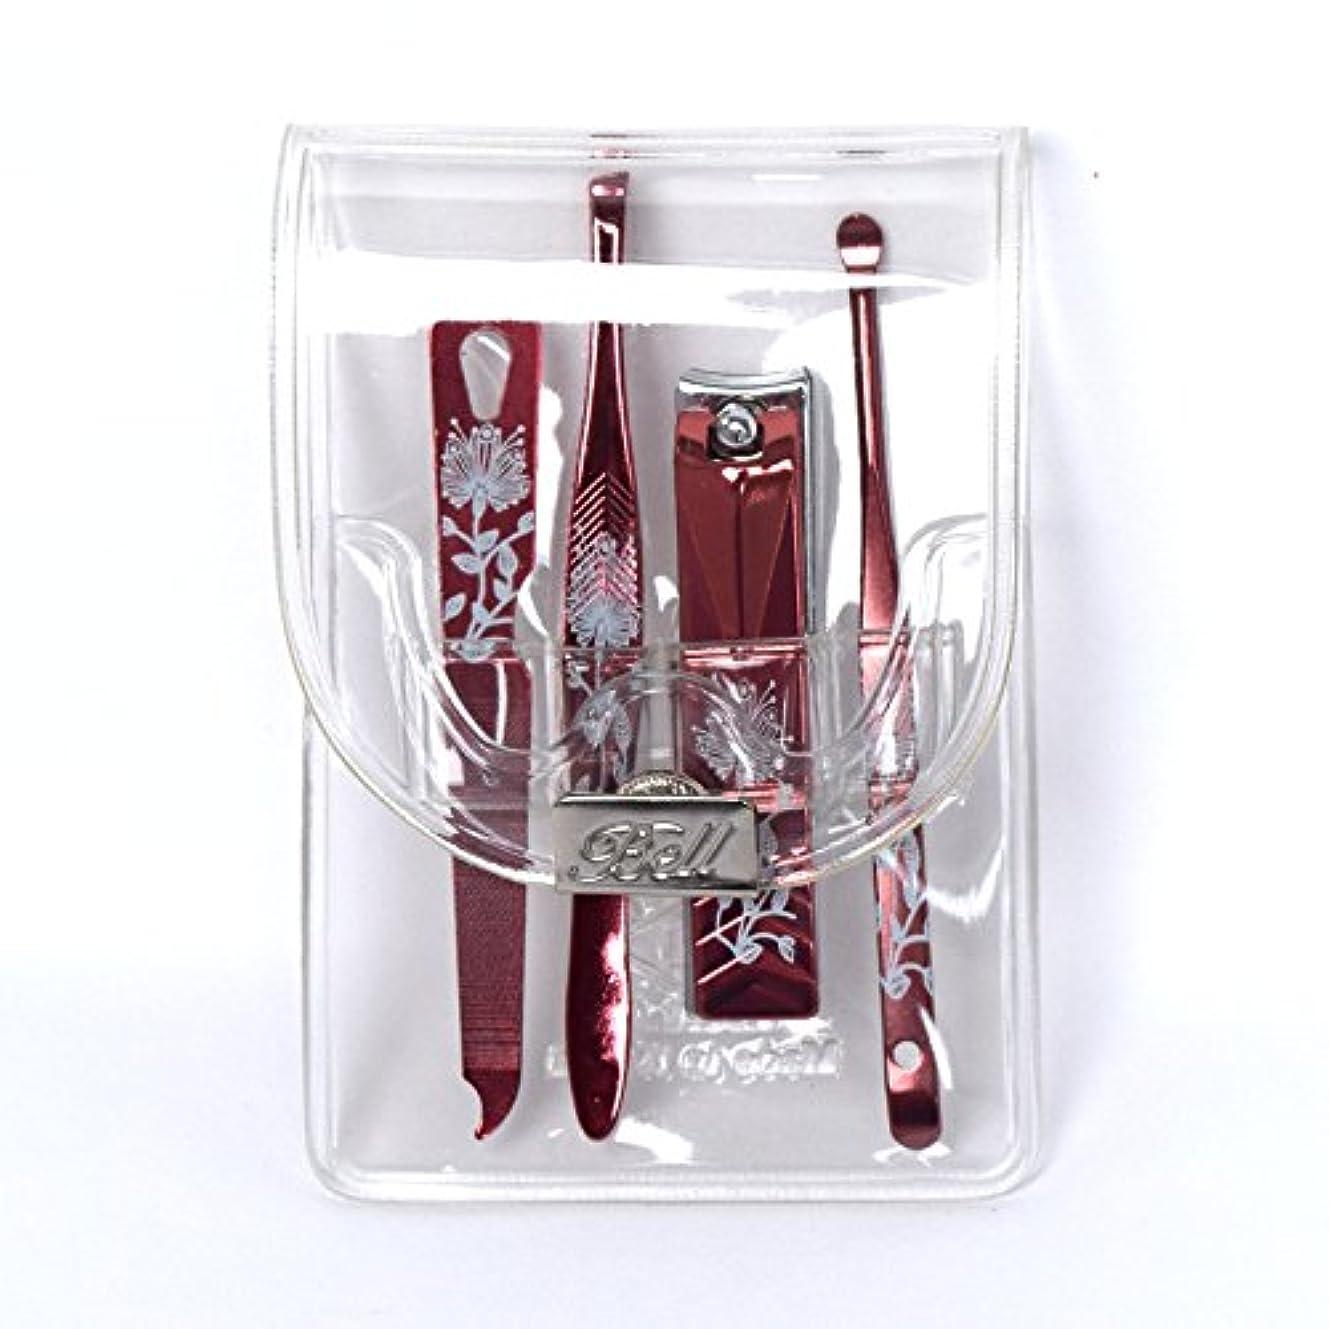 コーラストチの実の木クラシカルBELL Manicure Sets BM-991C ポータブル爪ケアセットトラベル爪切りセットステンレス鋼の失速構成透明高周波ケースPortable Nail Clippers Nail Care Set